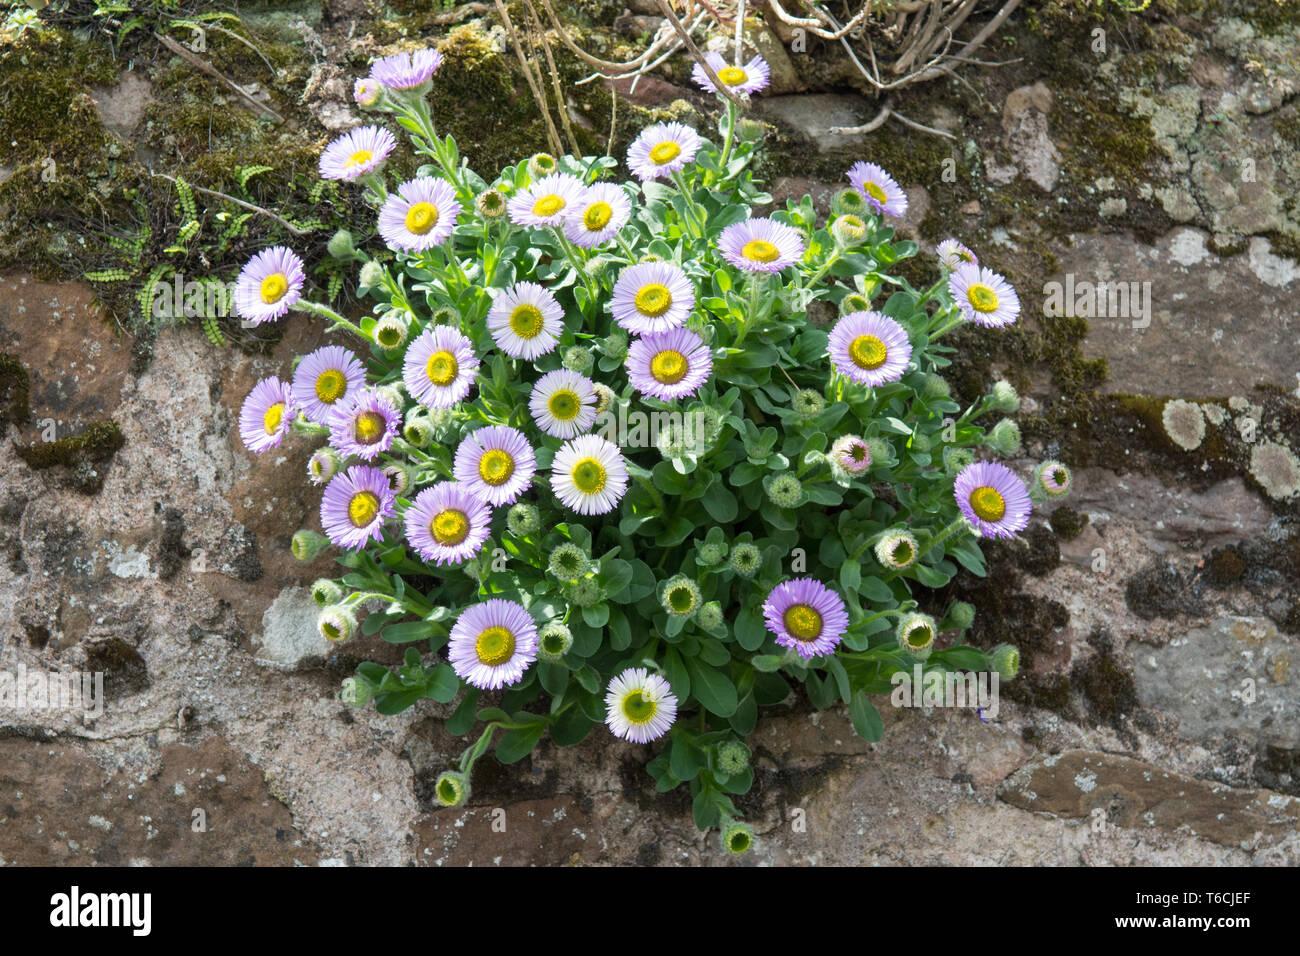 L'Erigeron Glaucus ou station ou daisy fleabane plante poussant sur un mur - UK Banque D'Images